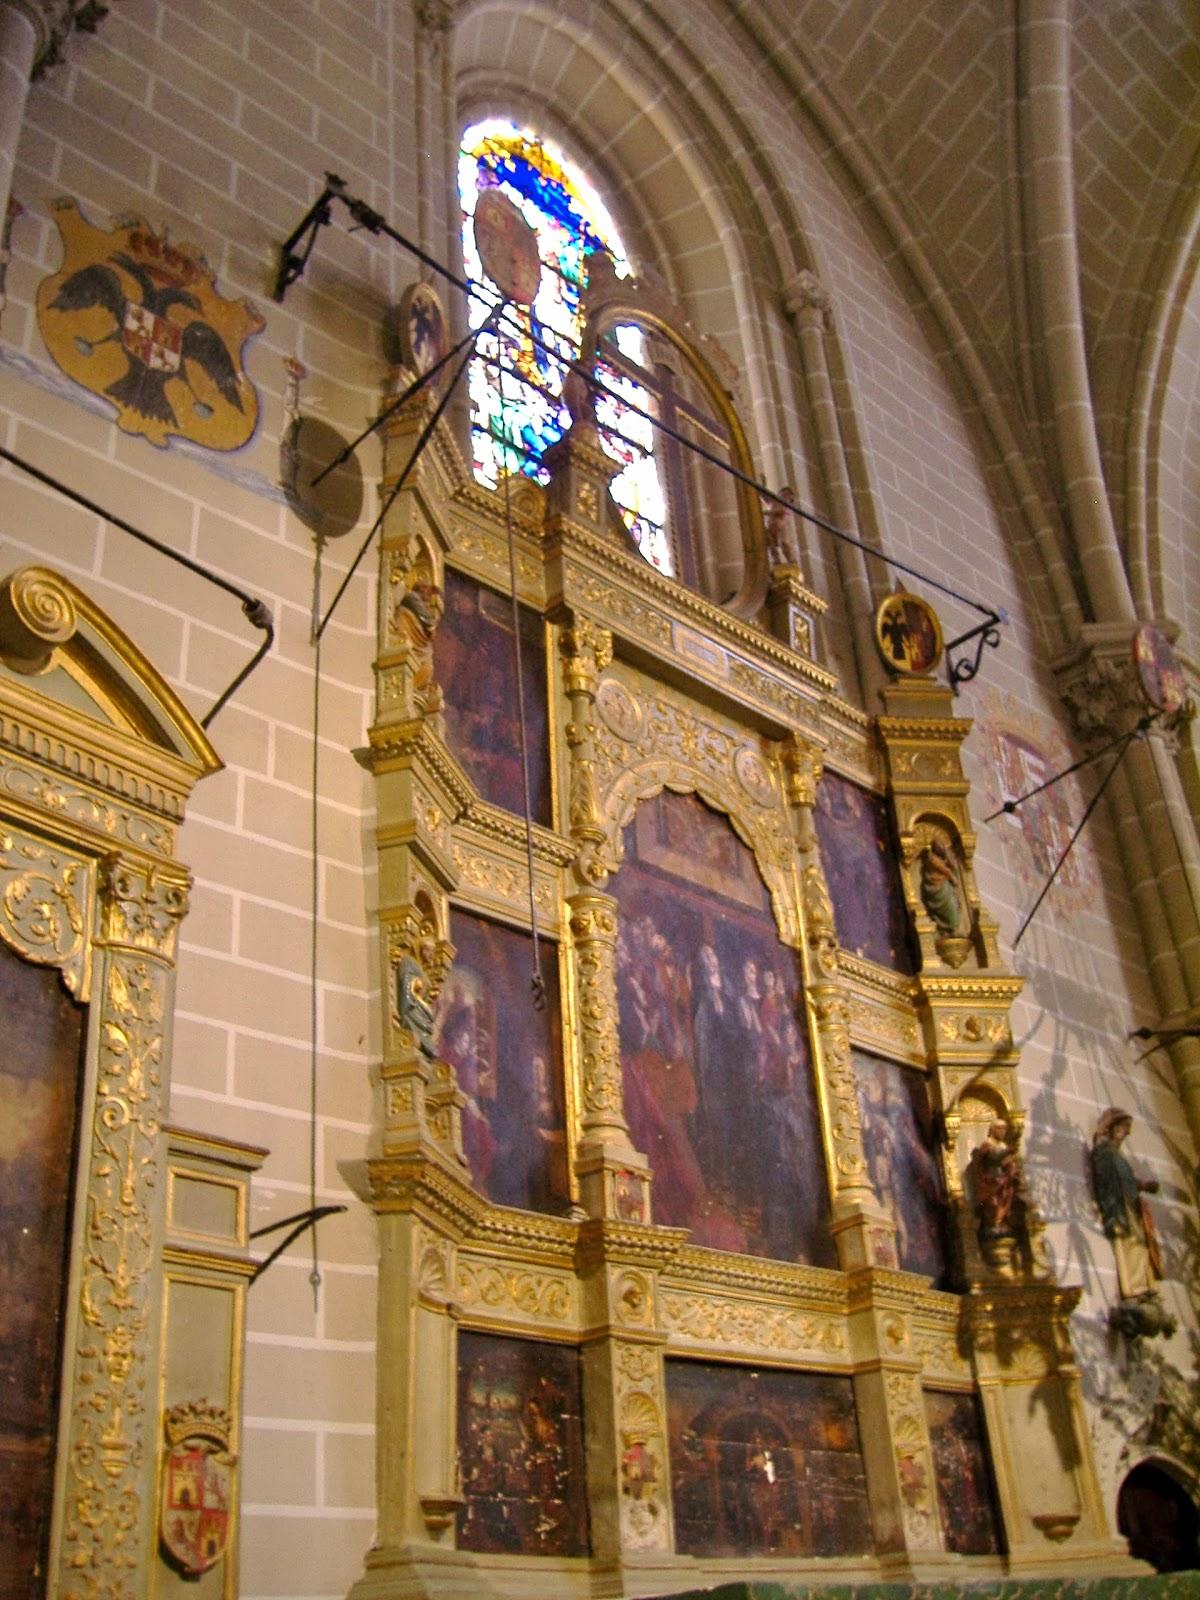 Maravillas ocultas de espa a la catedral de toledo el for Sala maravillas